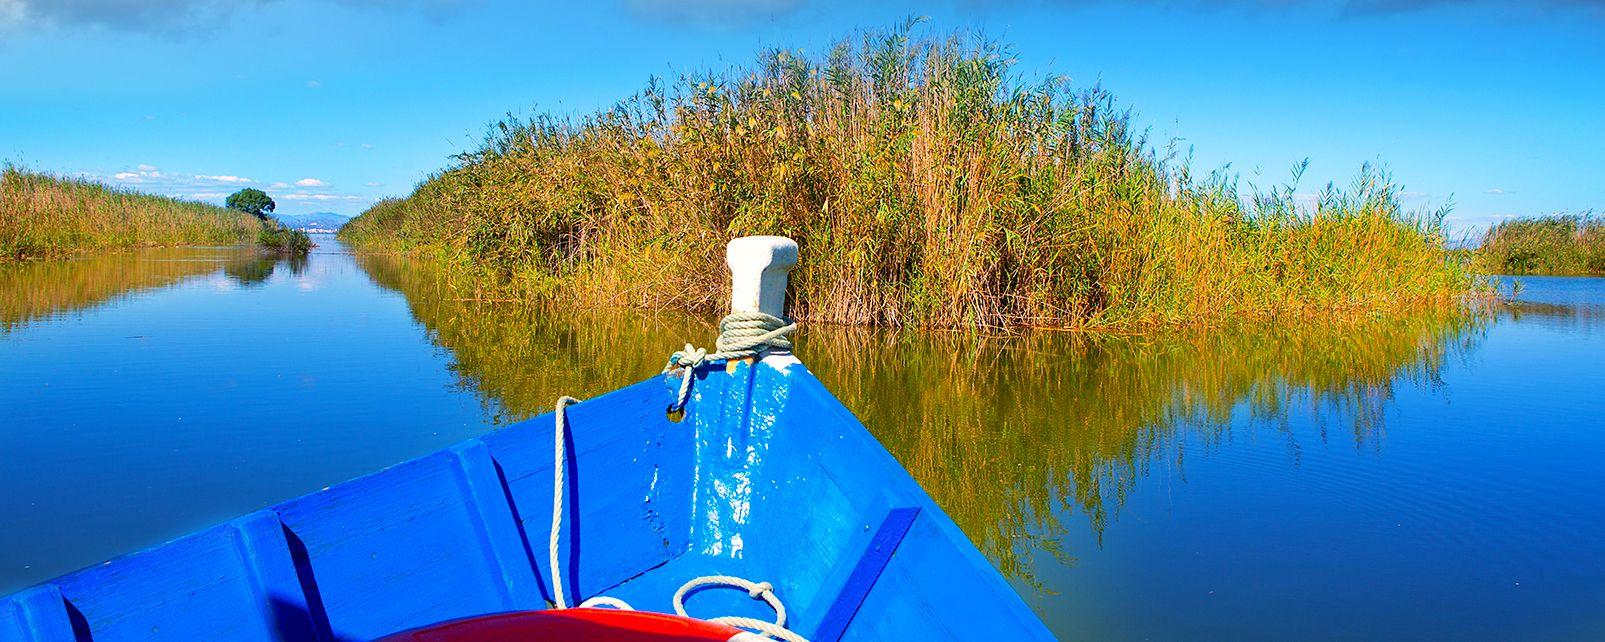 La Albufera e le lagune della Mata, L'Albufera e la Laguna della Mata, La fauna e la flora, Comunità valenzana